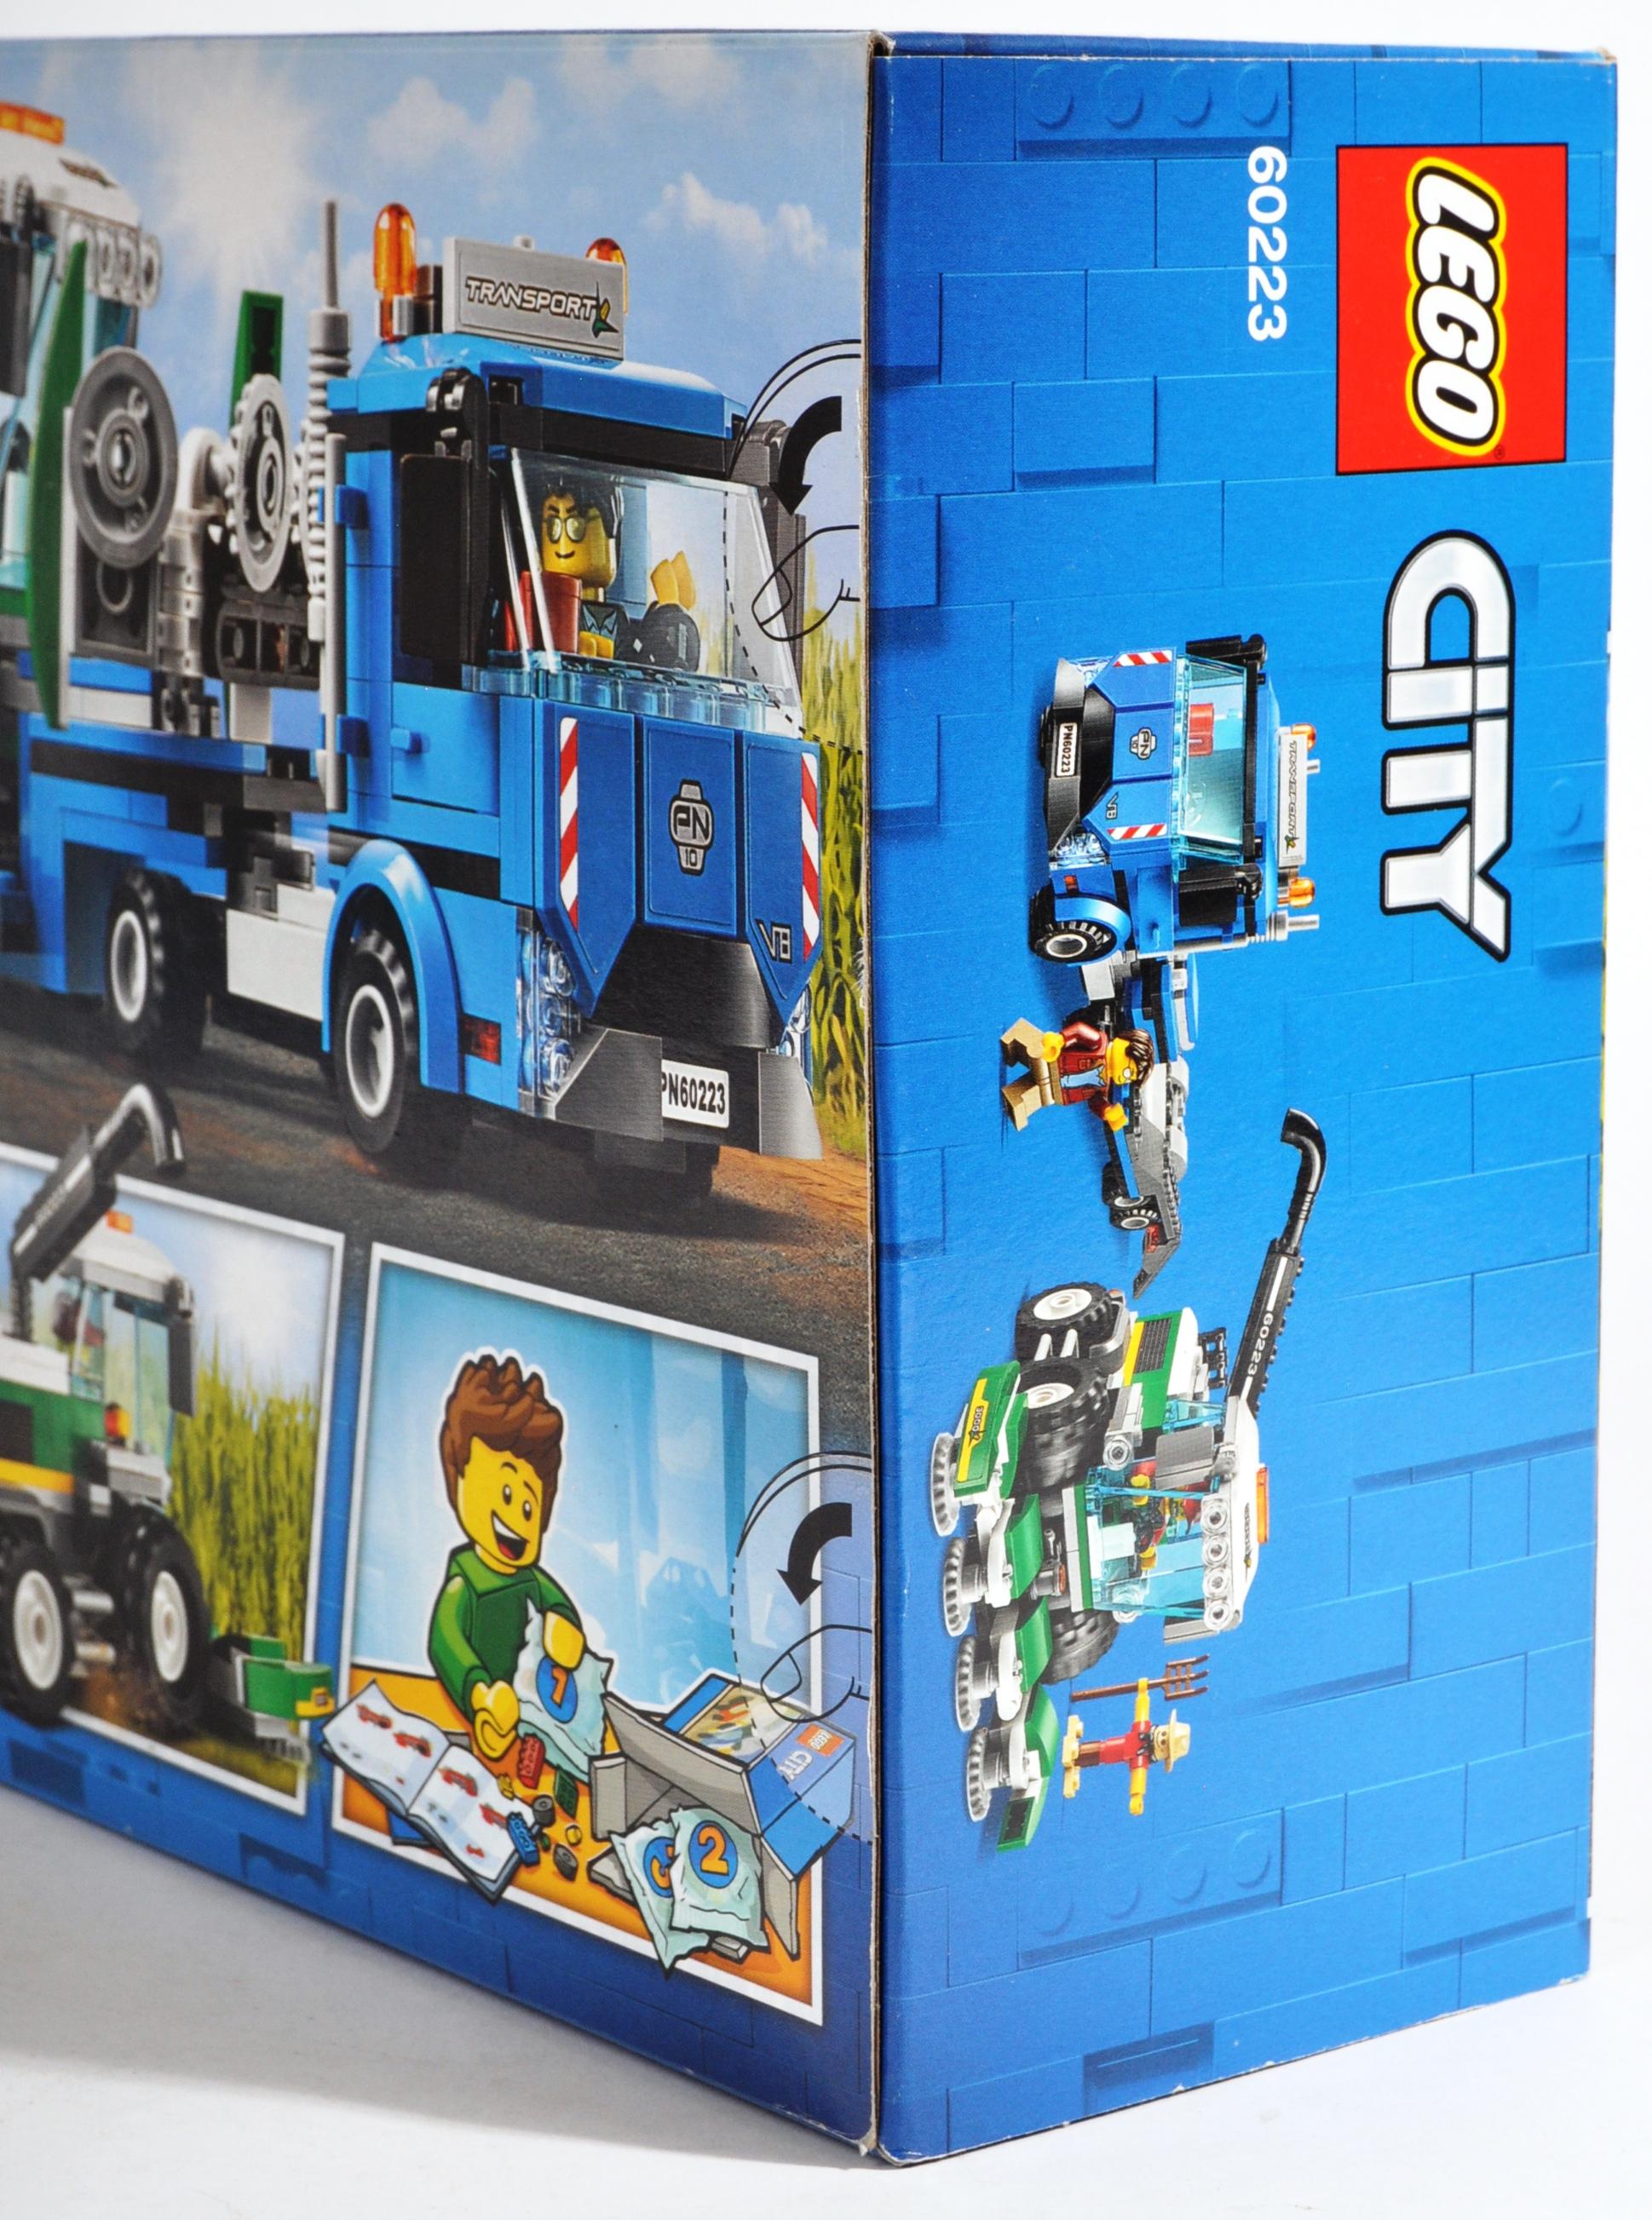 LEGO SETS - LEGO CITY - 60023 / 60056 / 60223 - Image 3 of 11